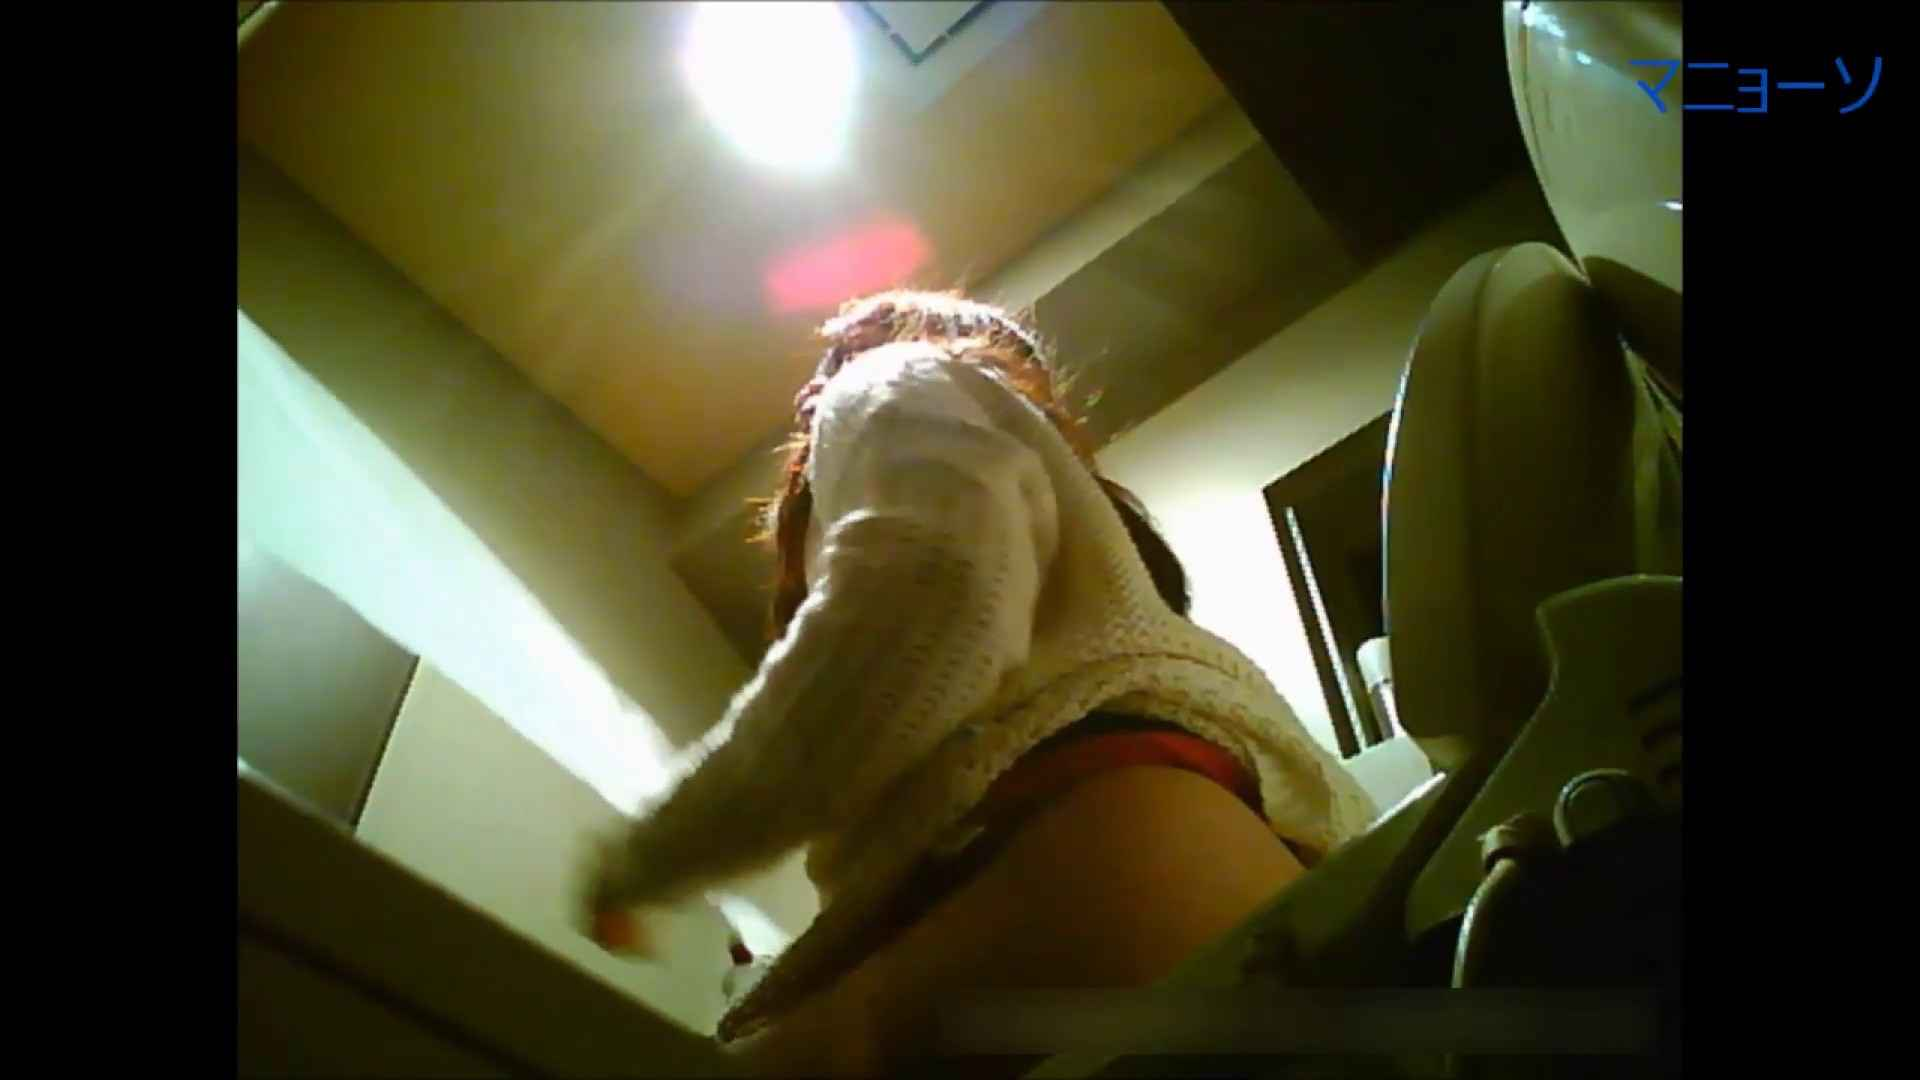 トイレでひと肌脱いでもらいました (JD編)Vol.01 トイレ盗撮  97枚 94